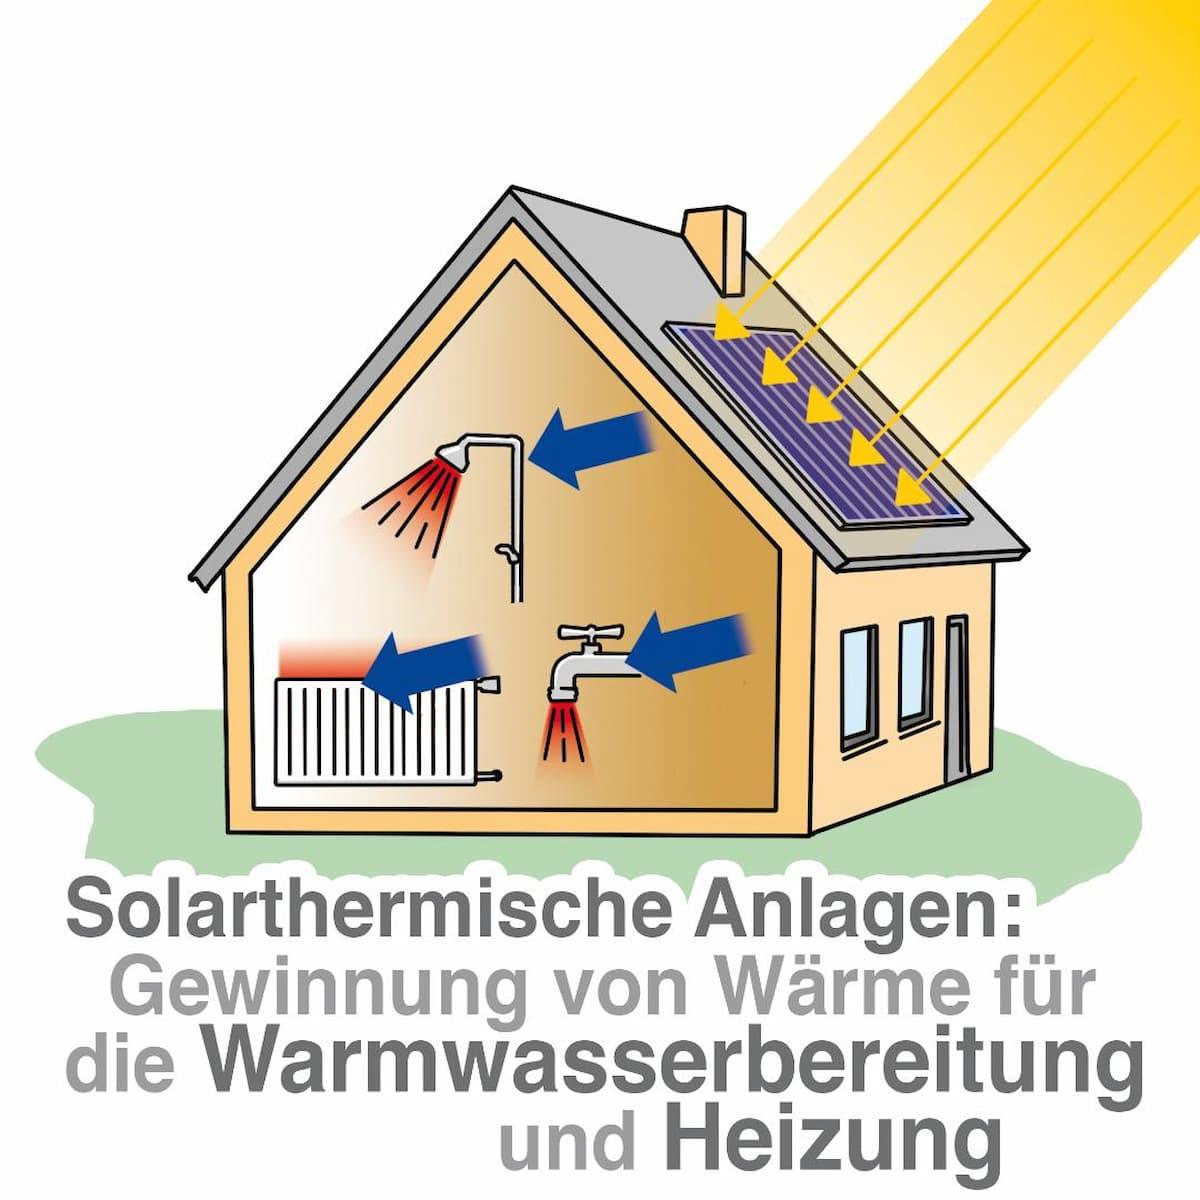 Solarthermie: Gewinnung von Wärme für Heizung und Trinkwasser